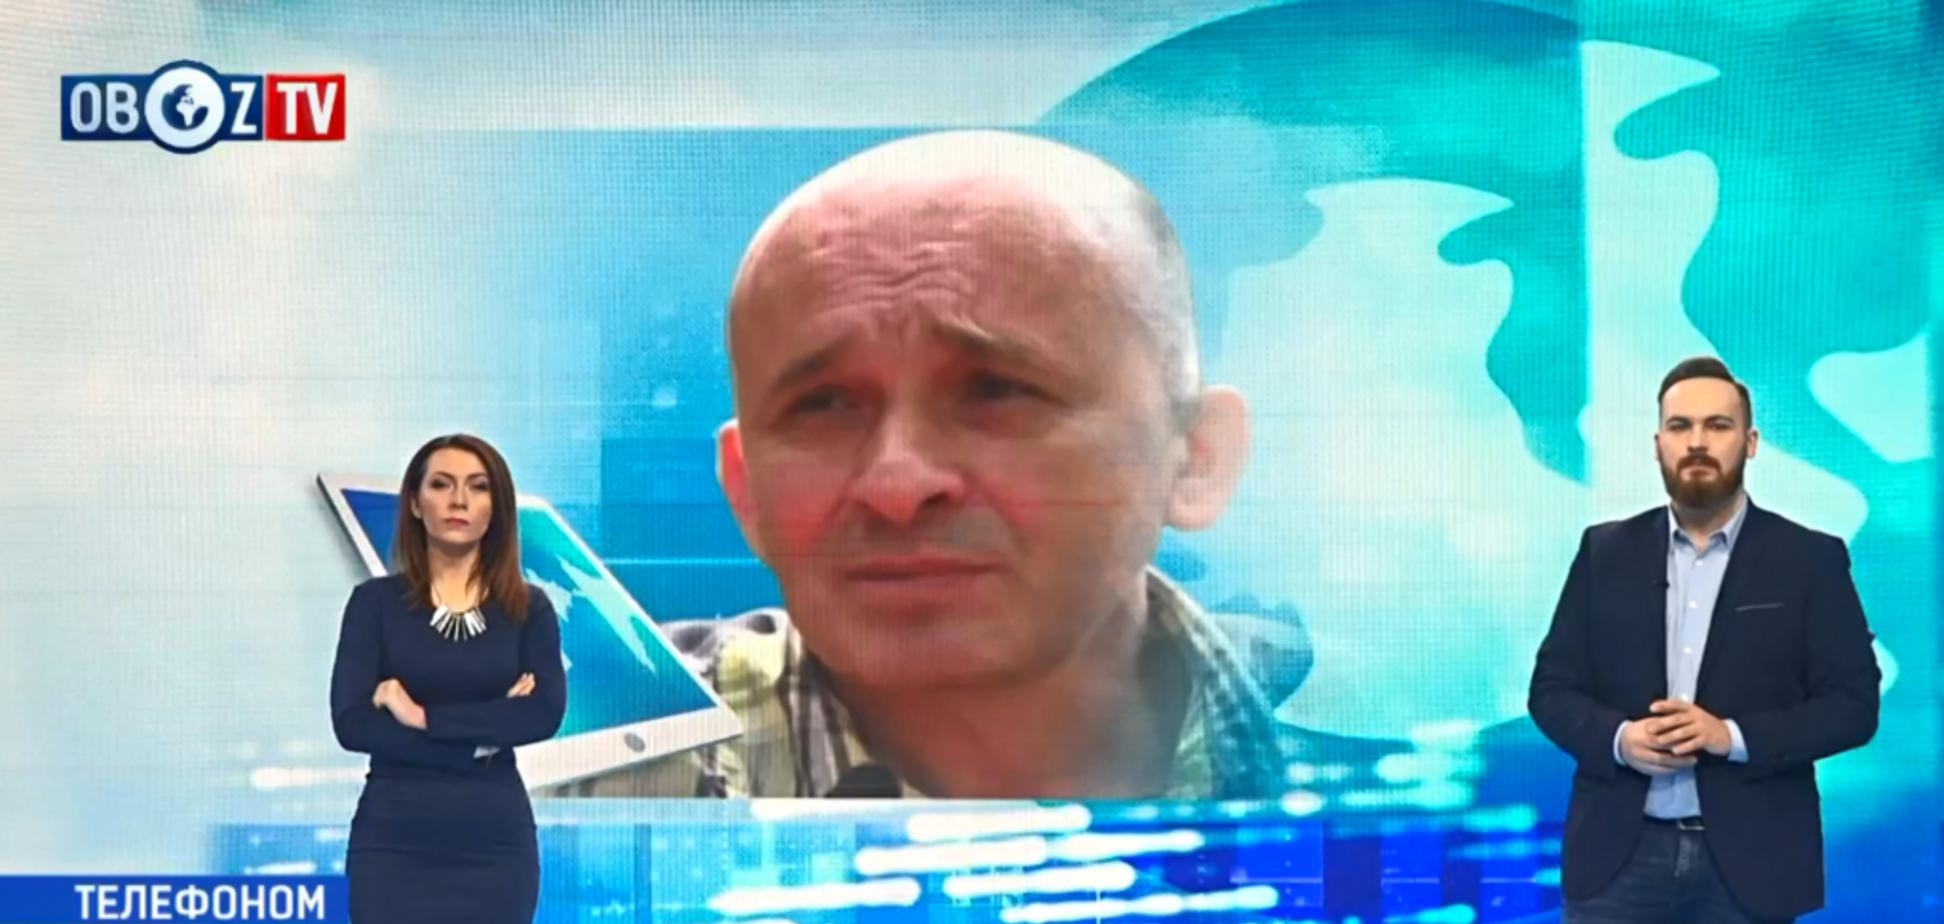 'Экипаж был опытным': эксперт оценил авиакатастрофу МАУ в Иране